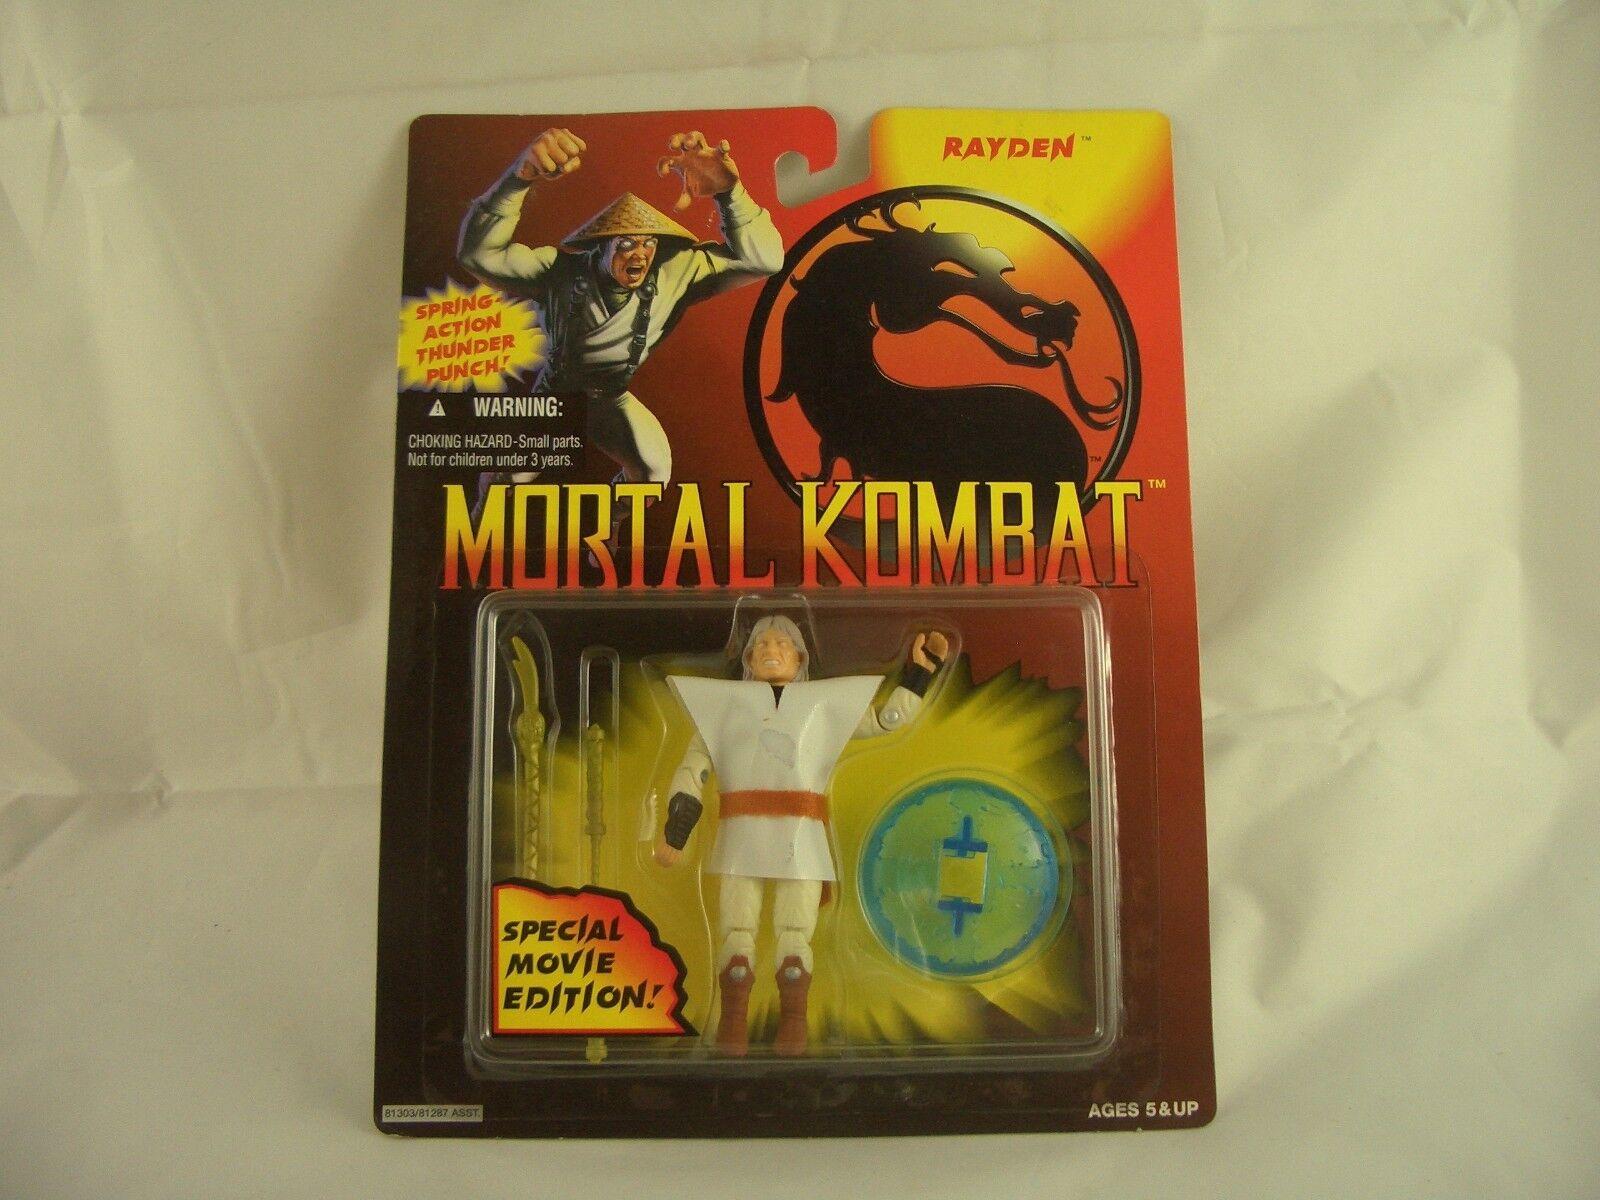 VINTAGE G.I. Joe MORTAL KOMBAT RAYDEN speciale edizione del film action figure